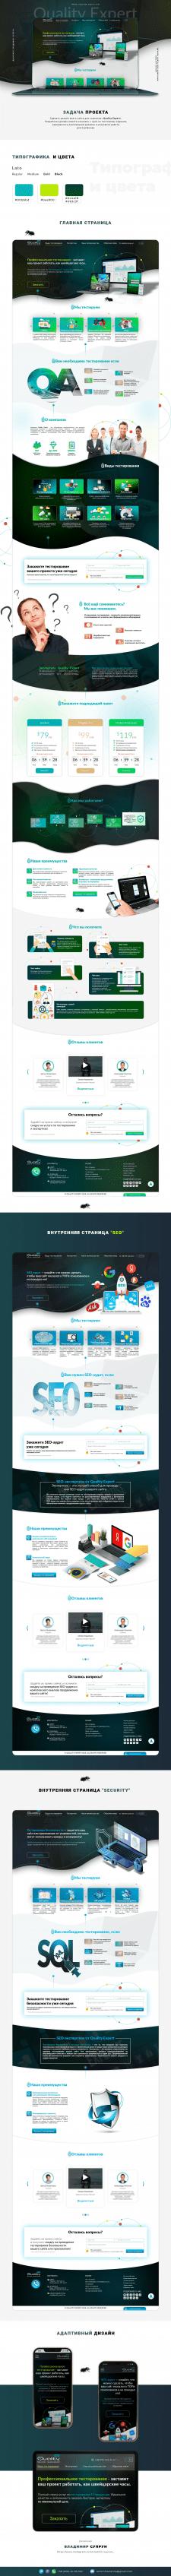 дизайн Landing page для компании QA Source